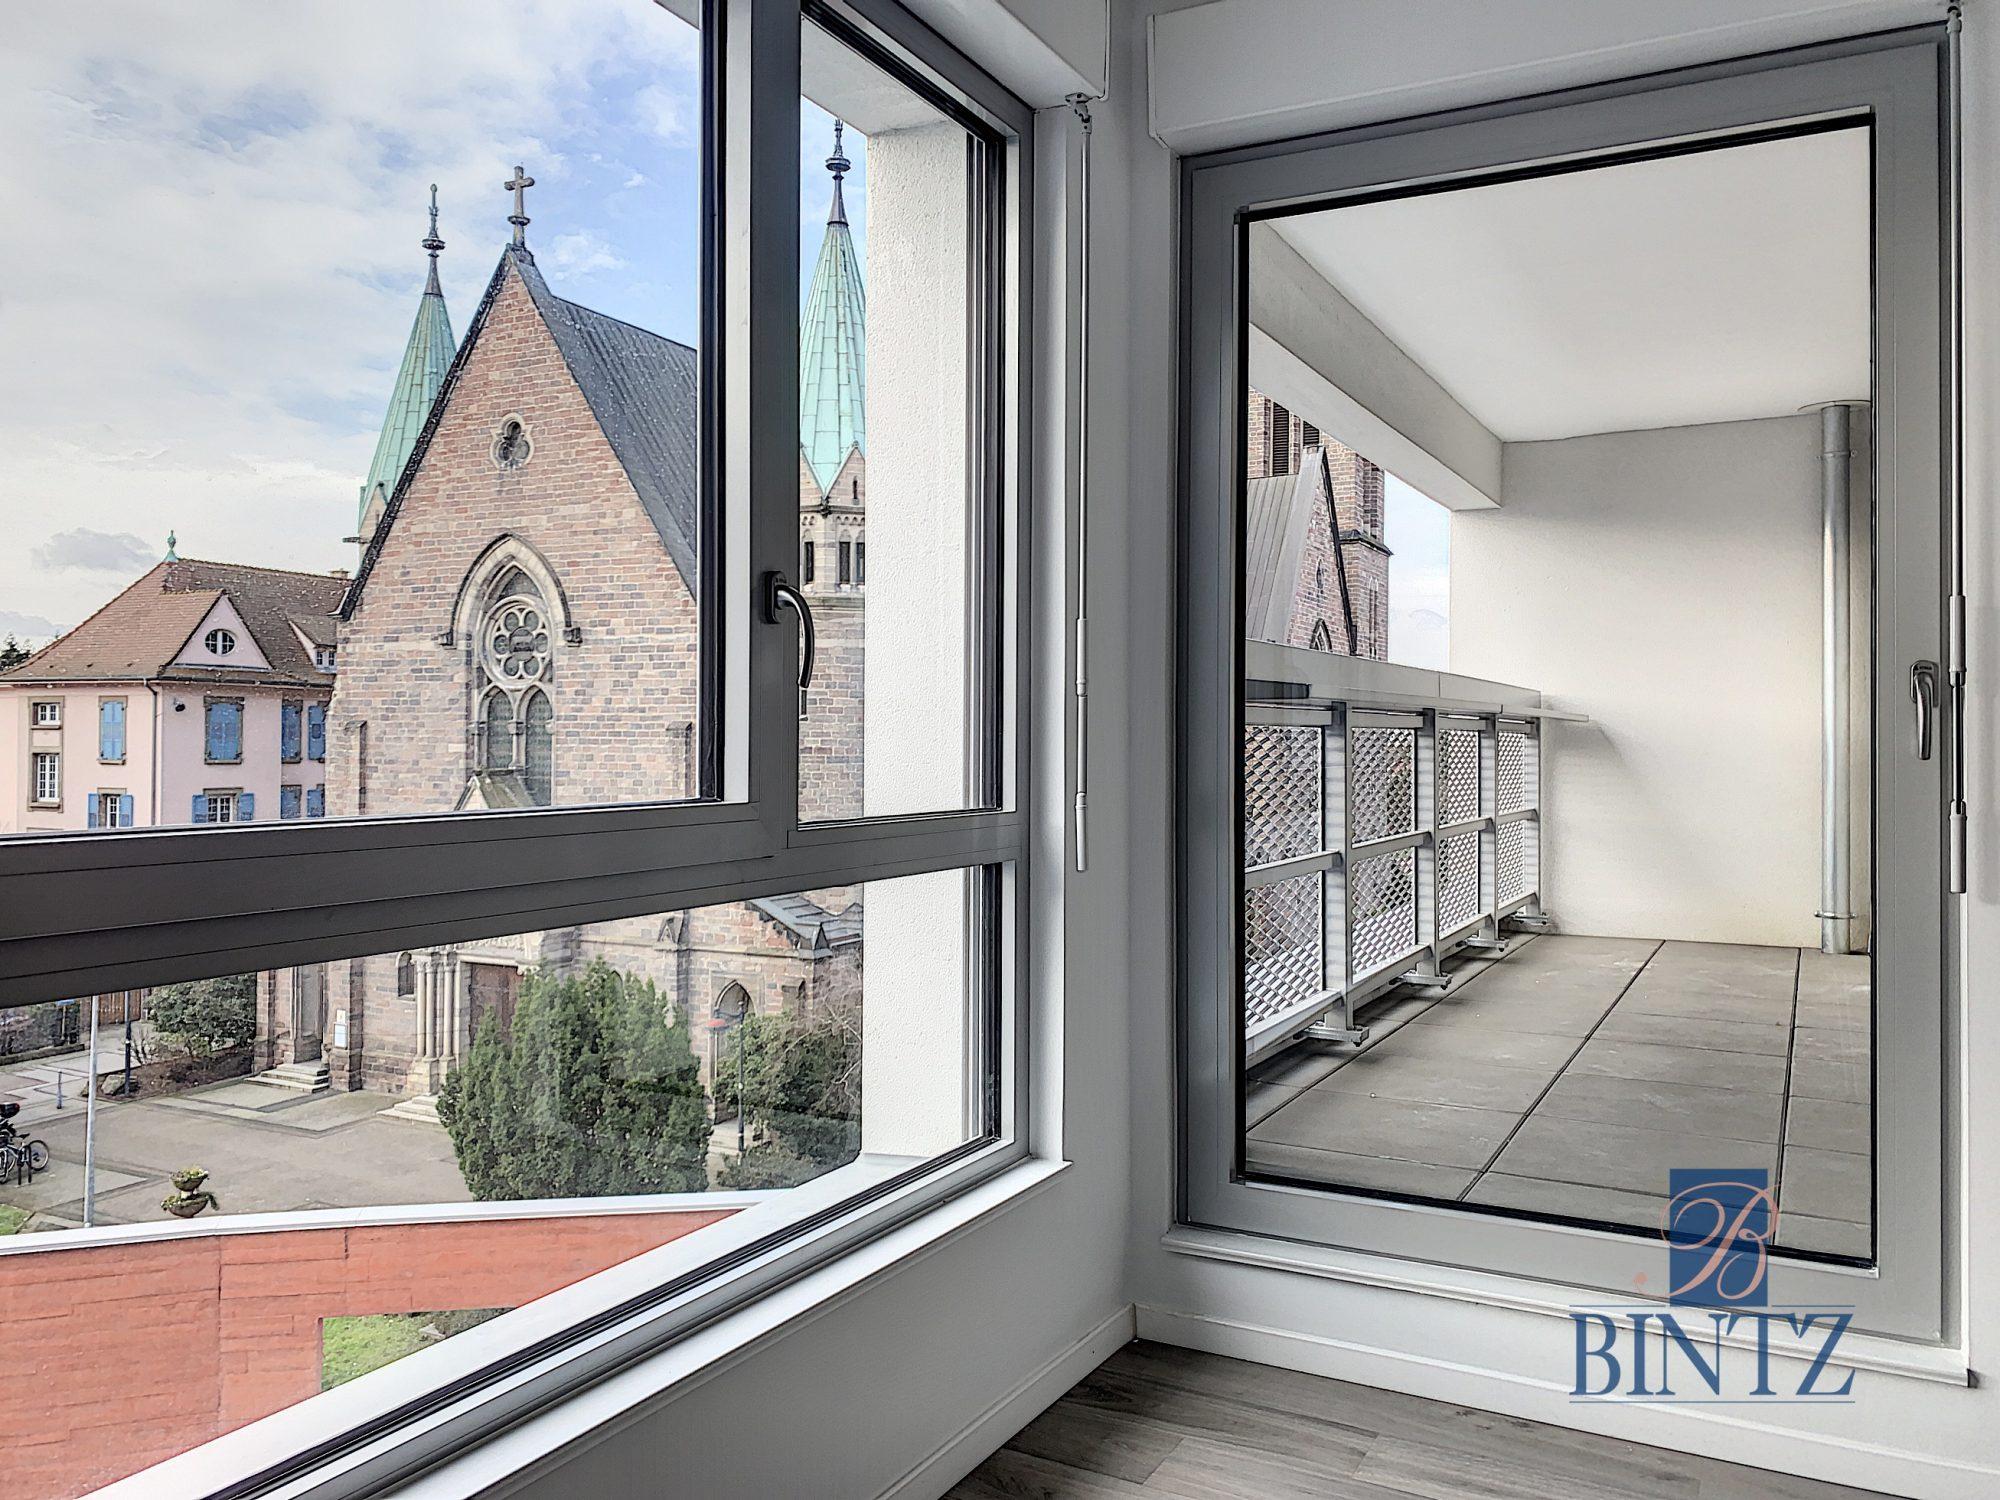 3 Pièces NEUF Quartier des brasseurs - Devenez locataire en toute sérénité - Bintz Immobilier - 1